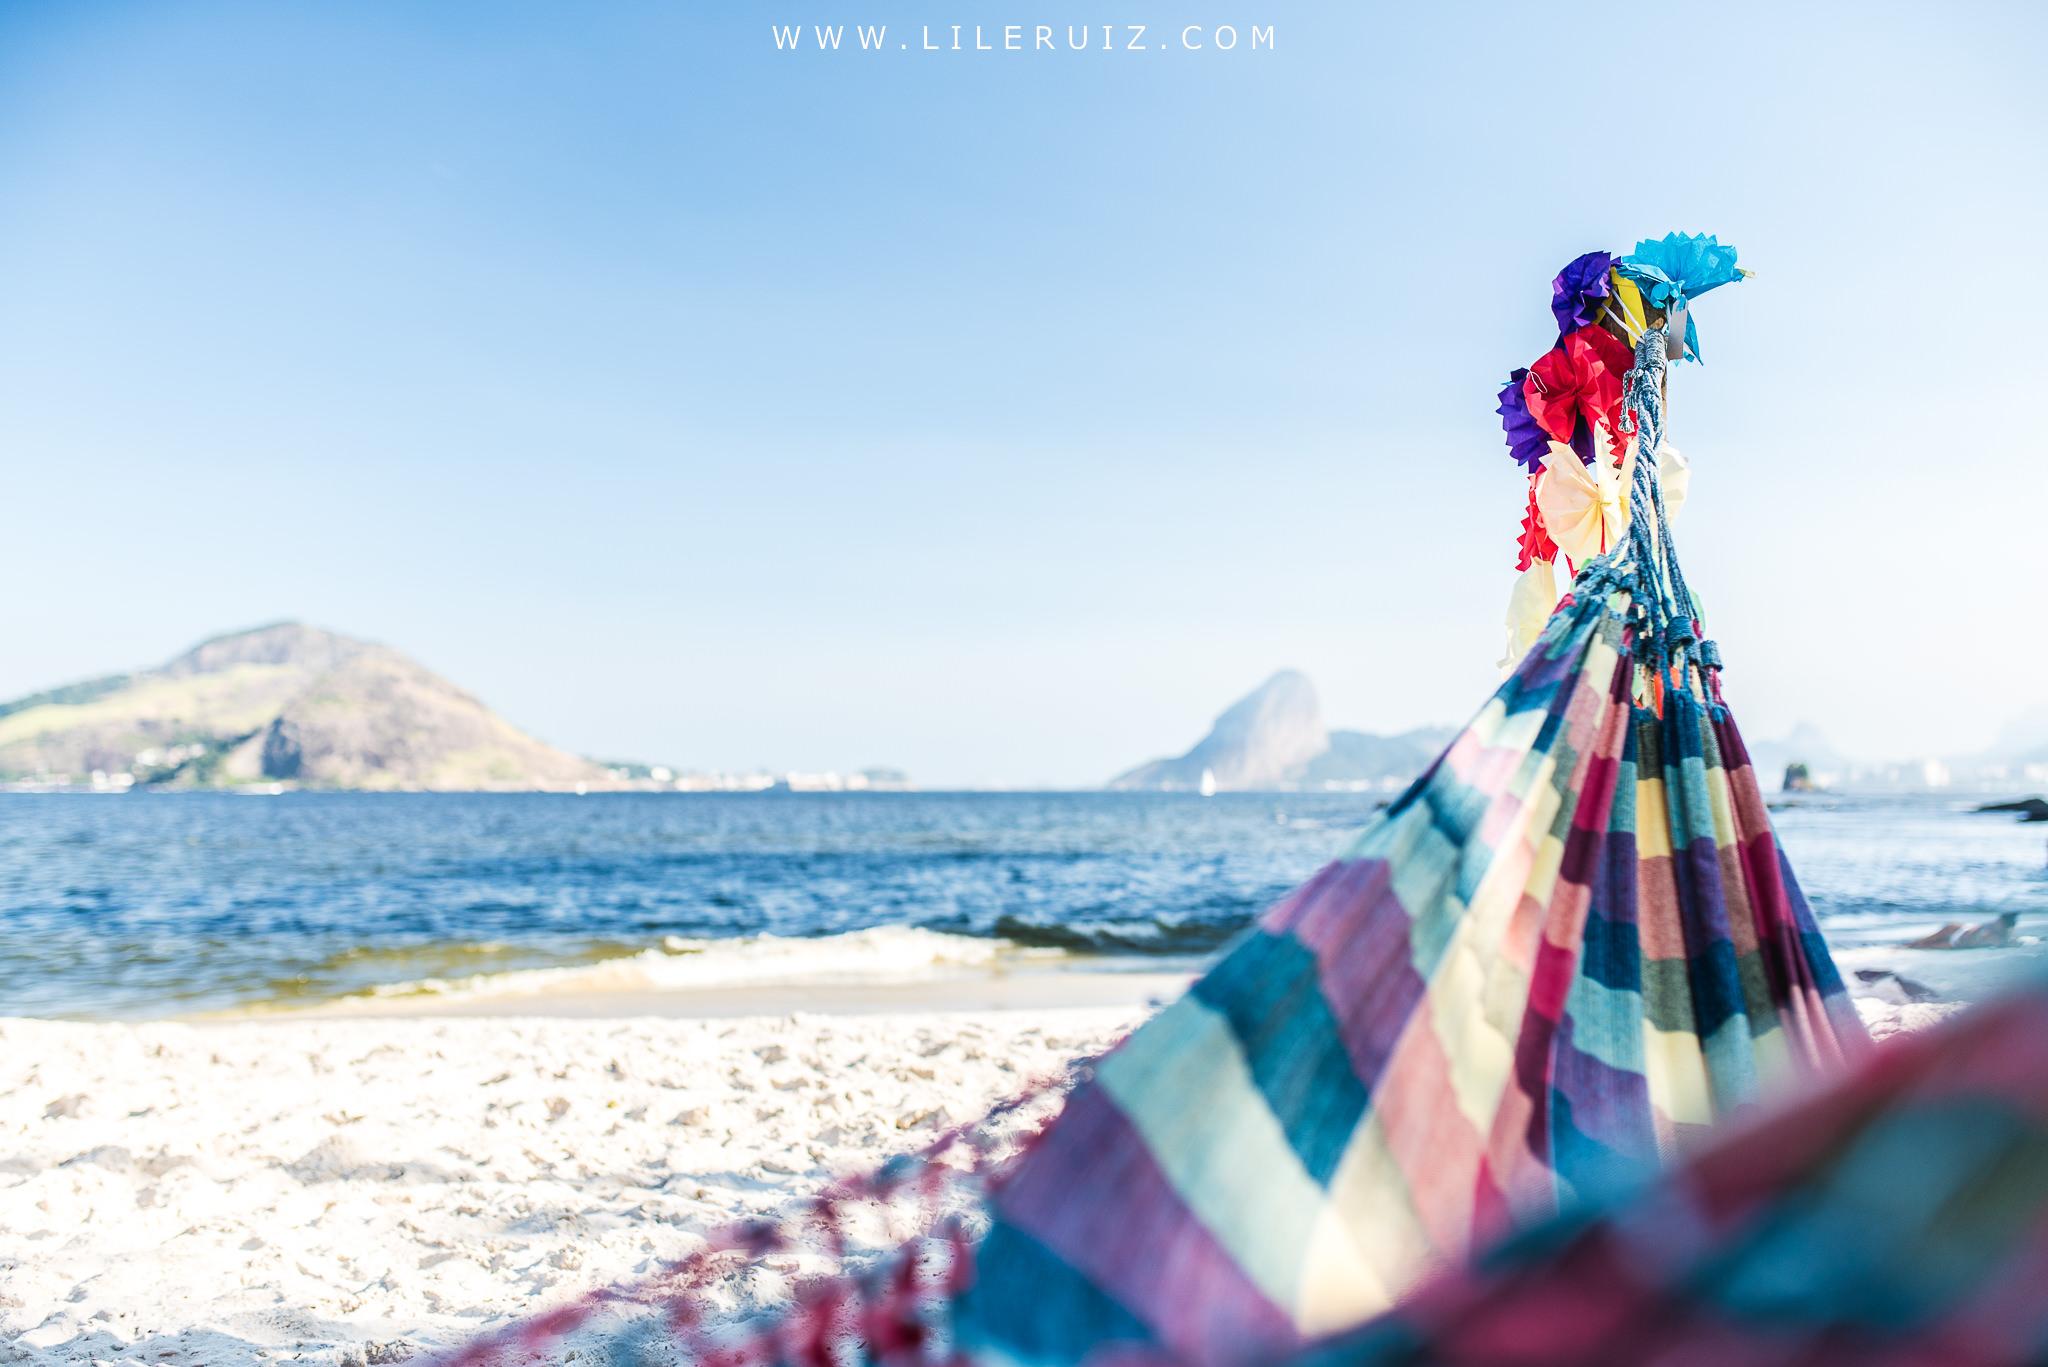 LileRuiz_aniversario_picnic_niteroi-380.jpg